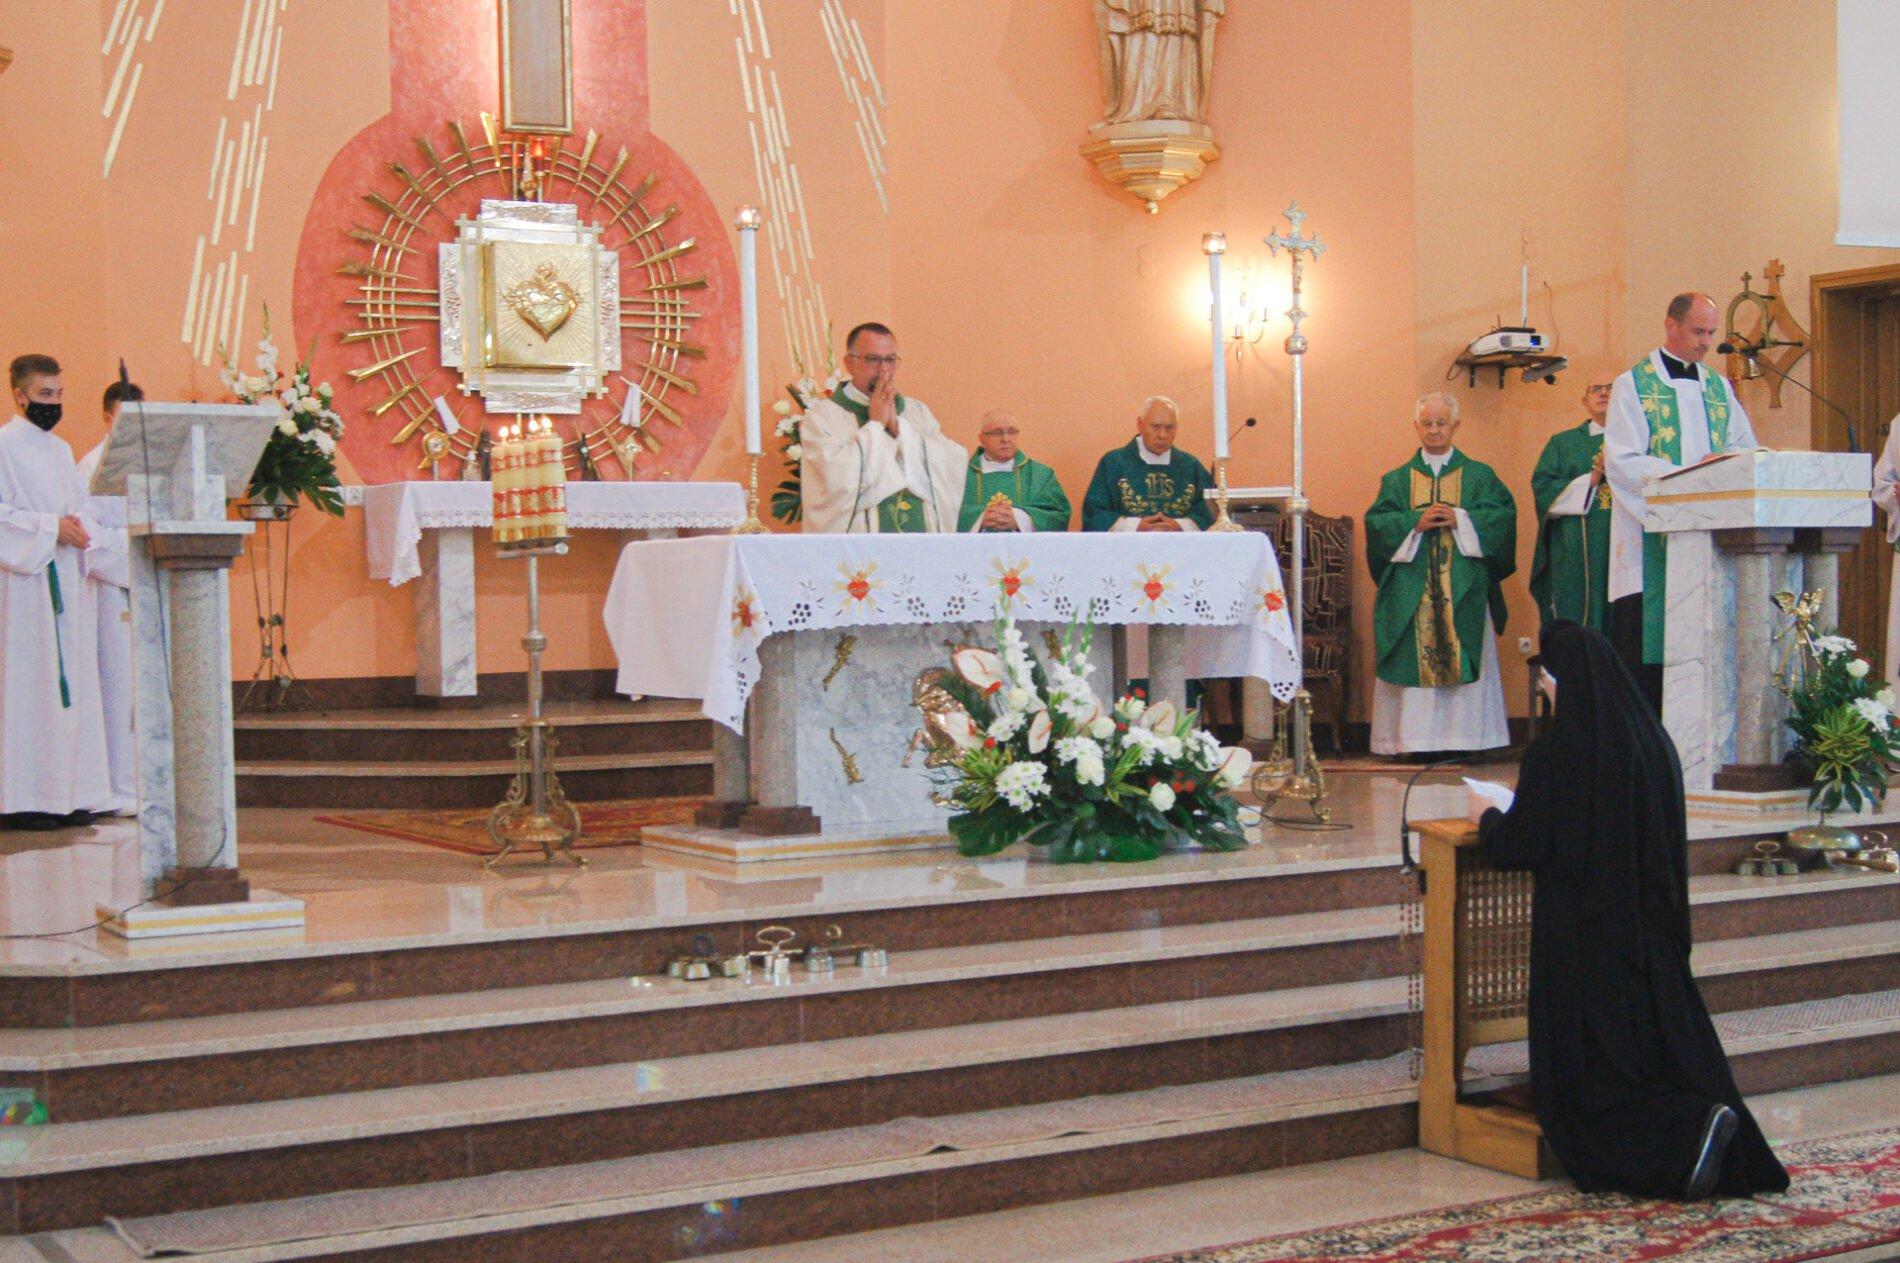 Odnowienie ślubów zakonnych przezs. Elenę Winczowską